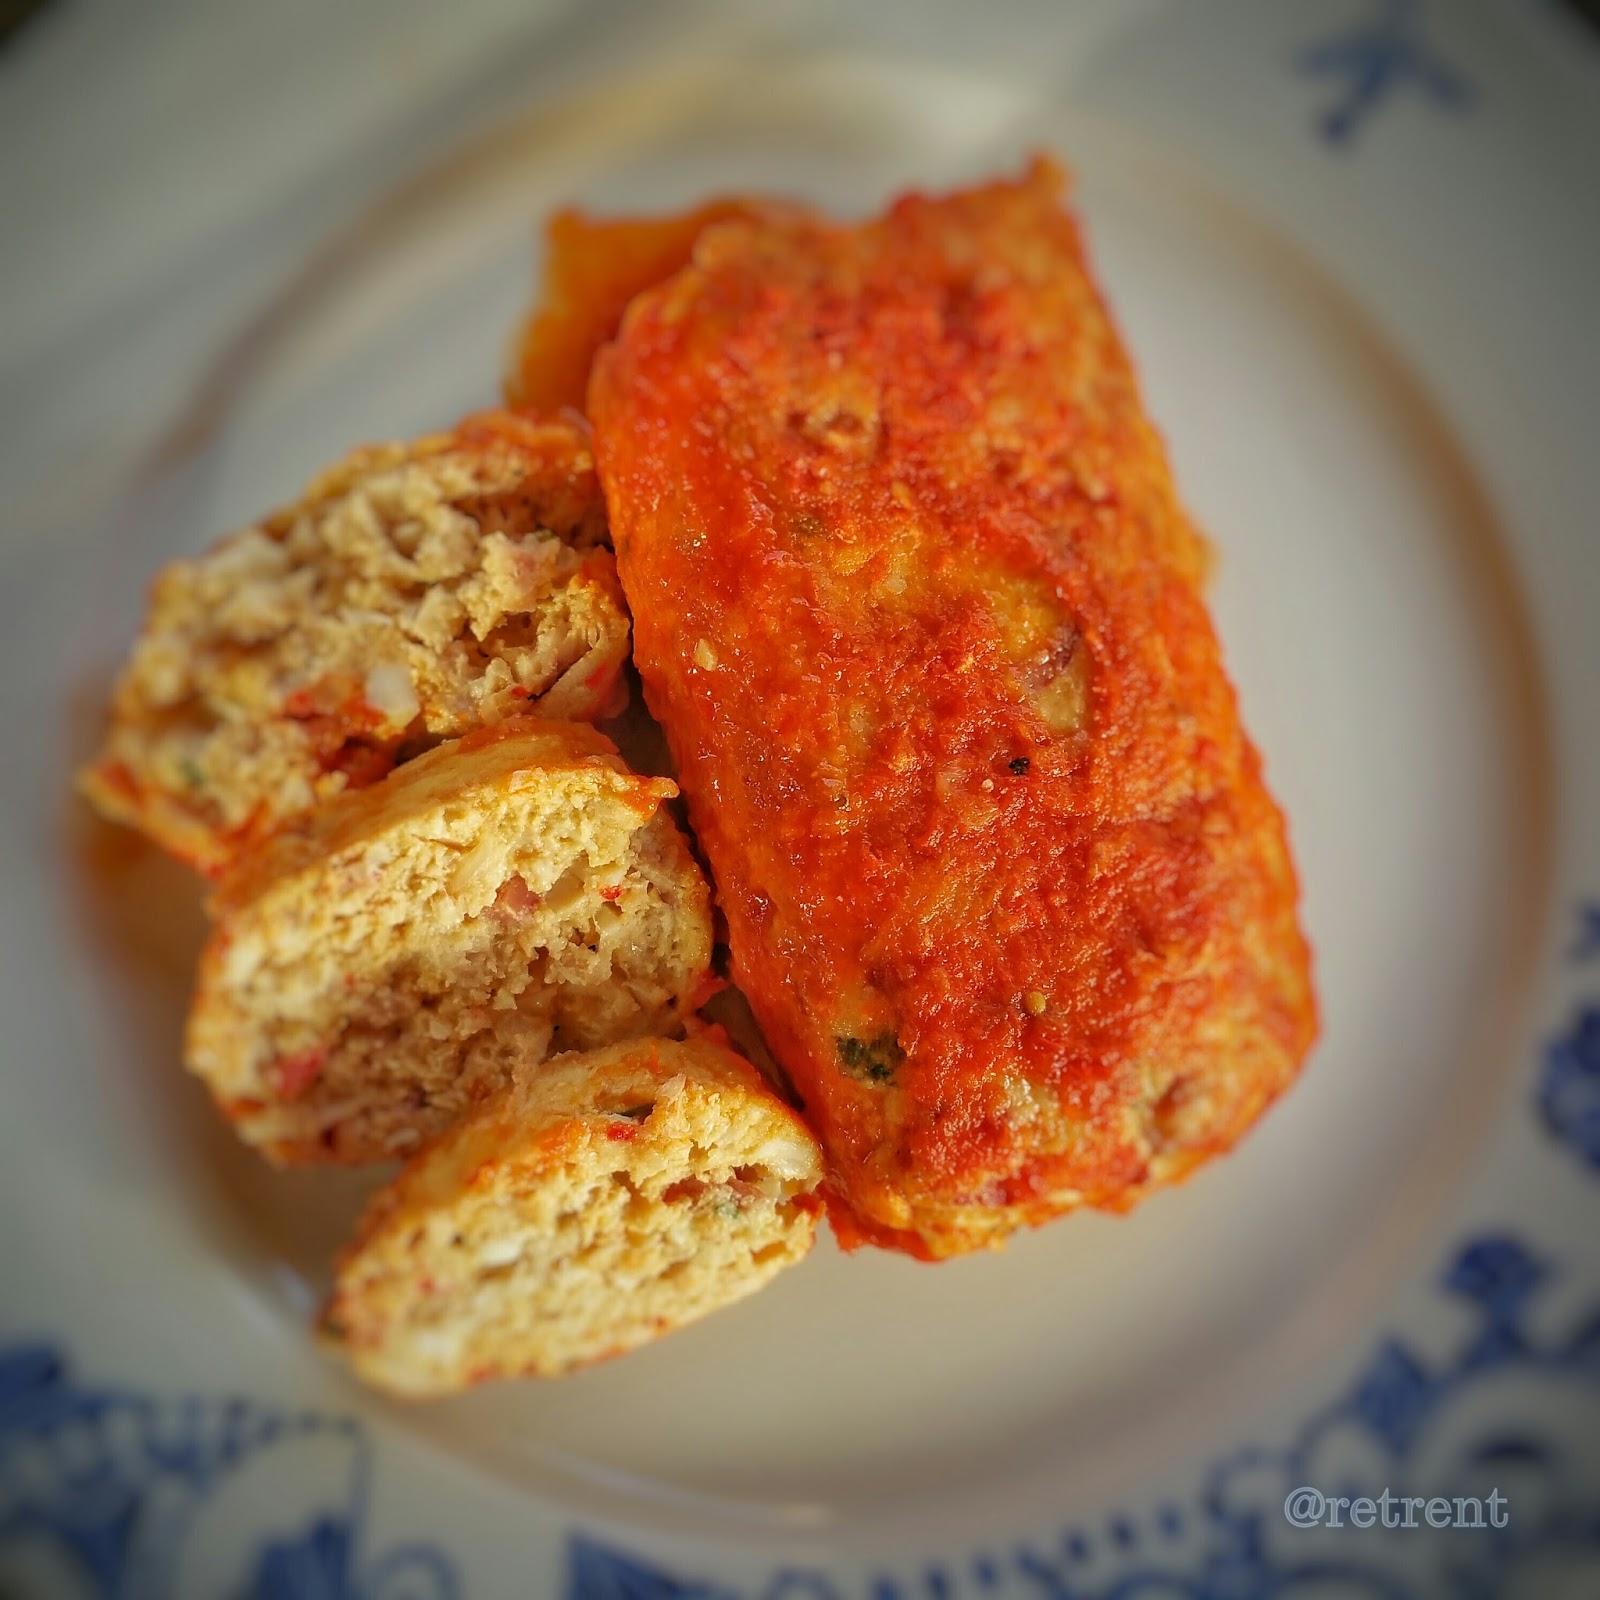 Blog De Cocina Asturiana | Recetas De Puno Y Letra Rollo De Bonito A La Asturiana